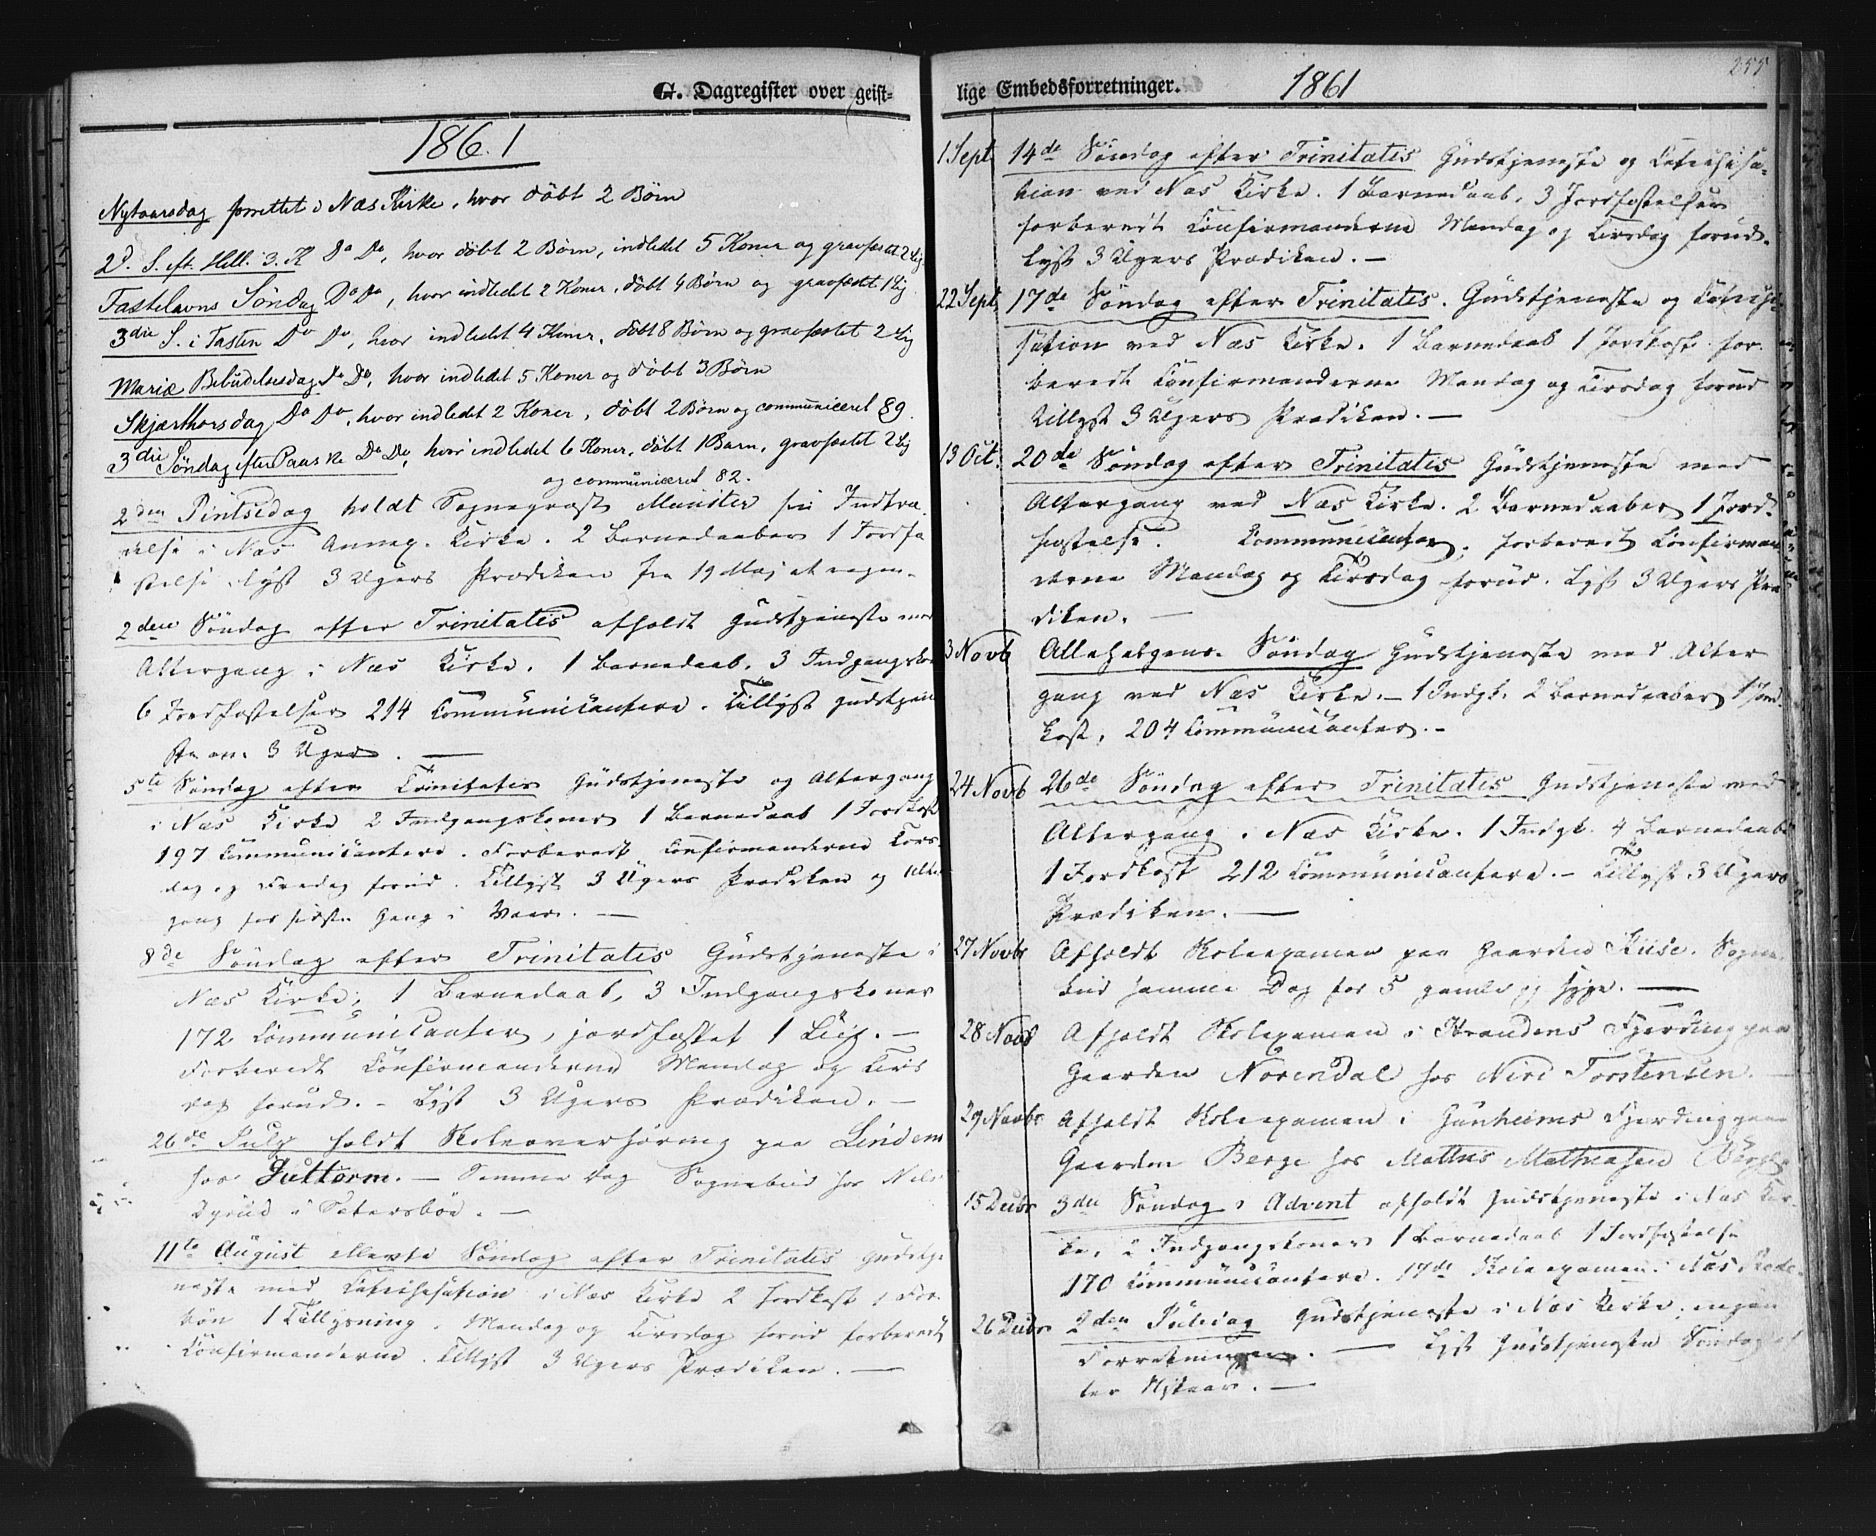 SAKO, Sauherad kirkebøker, F/Fb/L0001: Ministerialbok nr. II 1, 1851-1877, s. 255